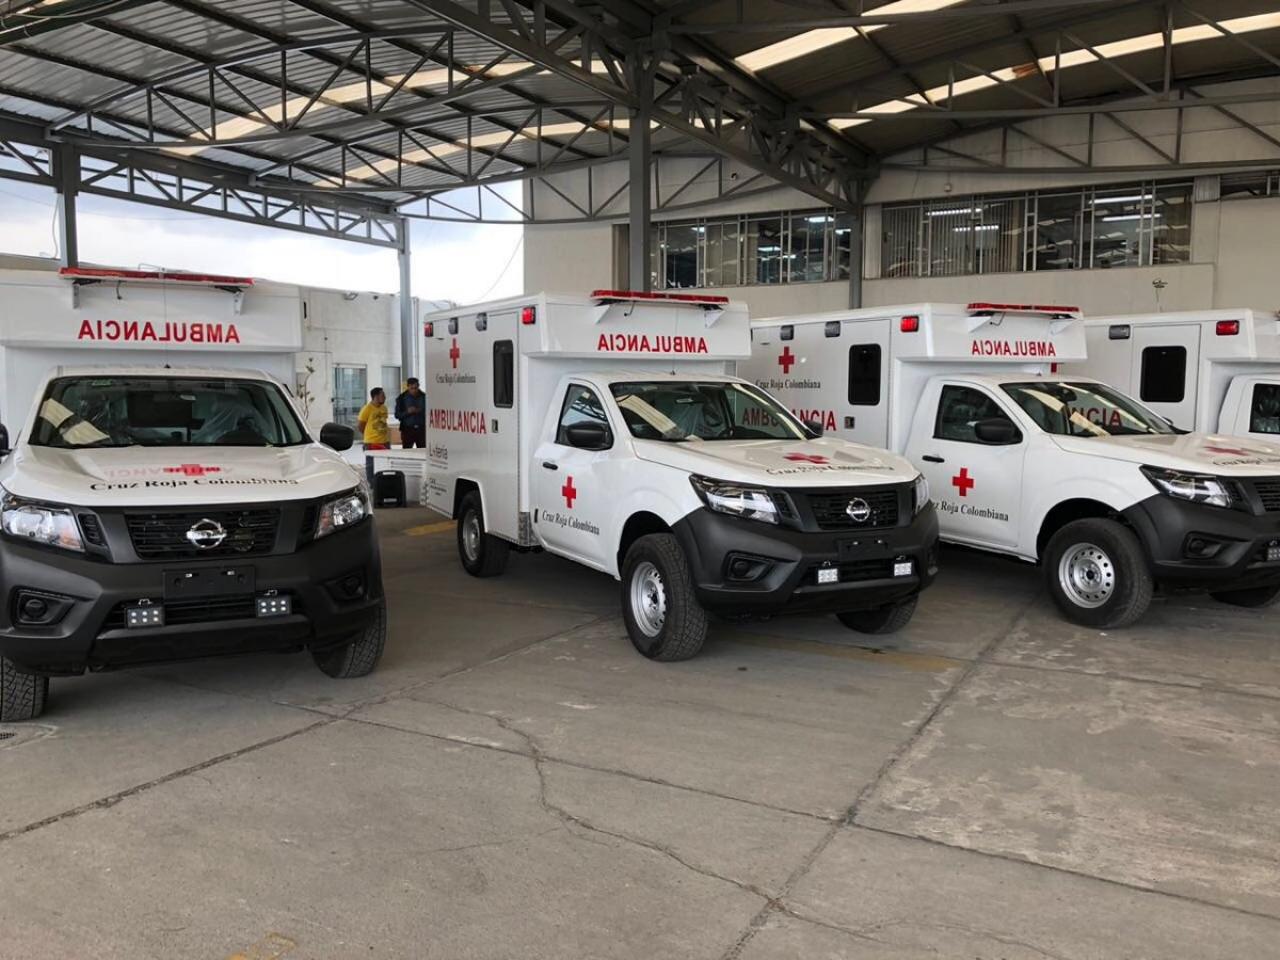 """""""No hay un buen protocolo para la protección de las personas que están dentro de las ambulancias y de sus familias"""